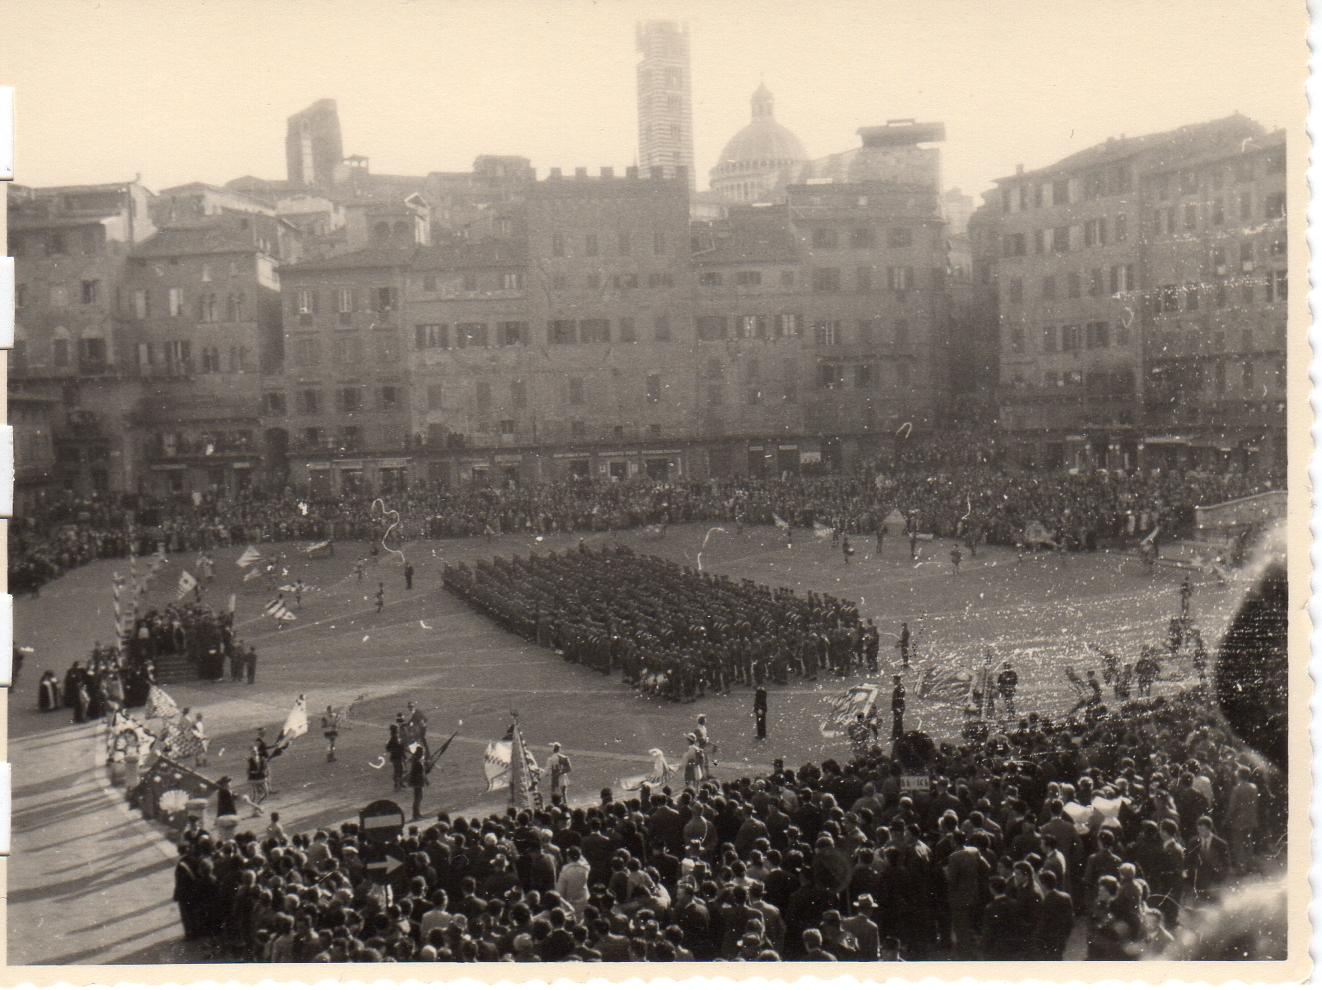 Santa Caterina senza militari e lontano dalla Piazza – LE FOTO